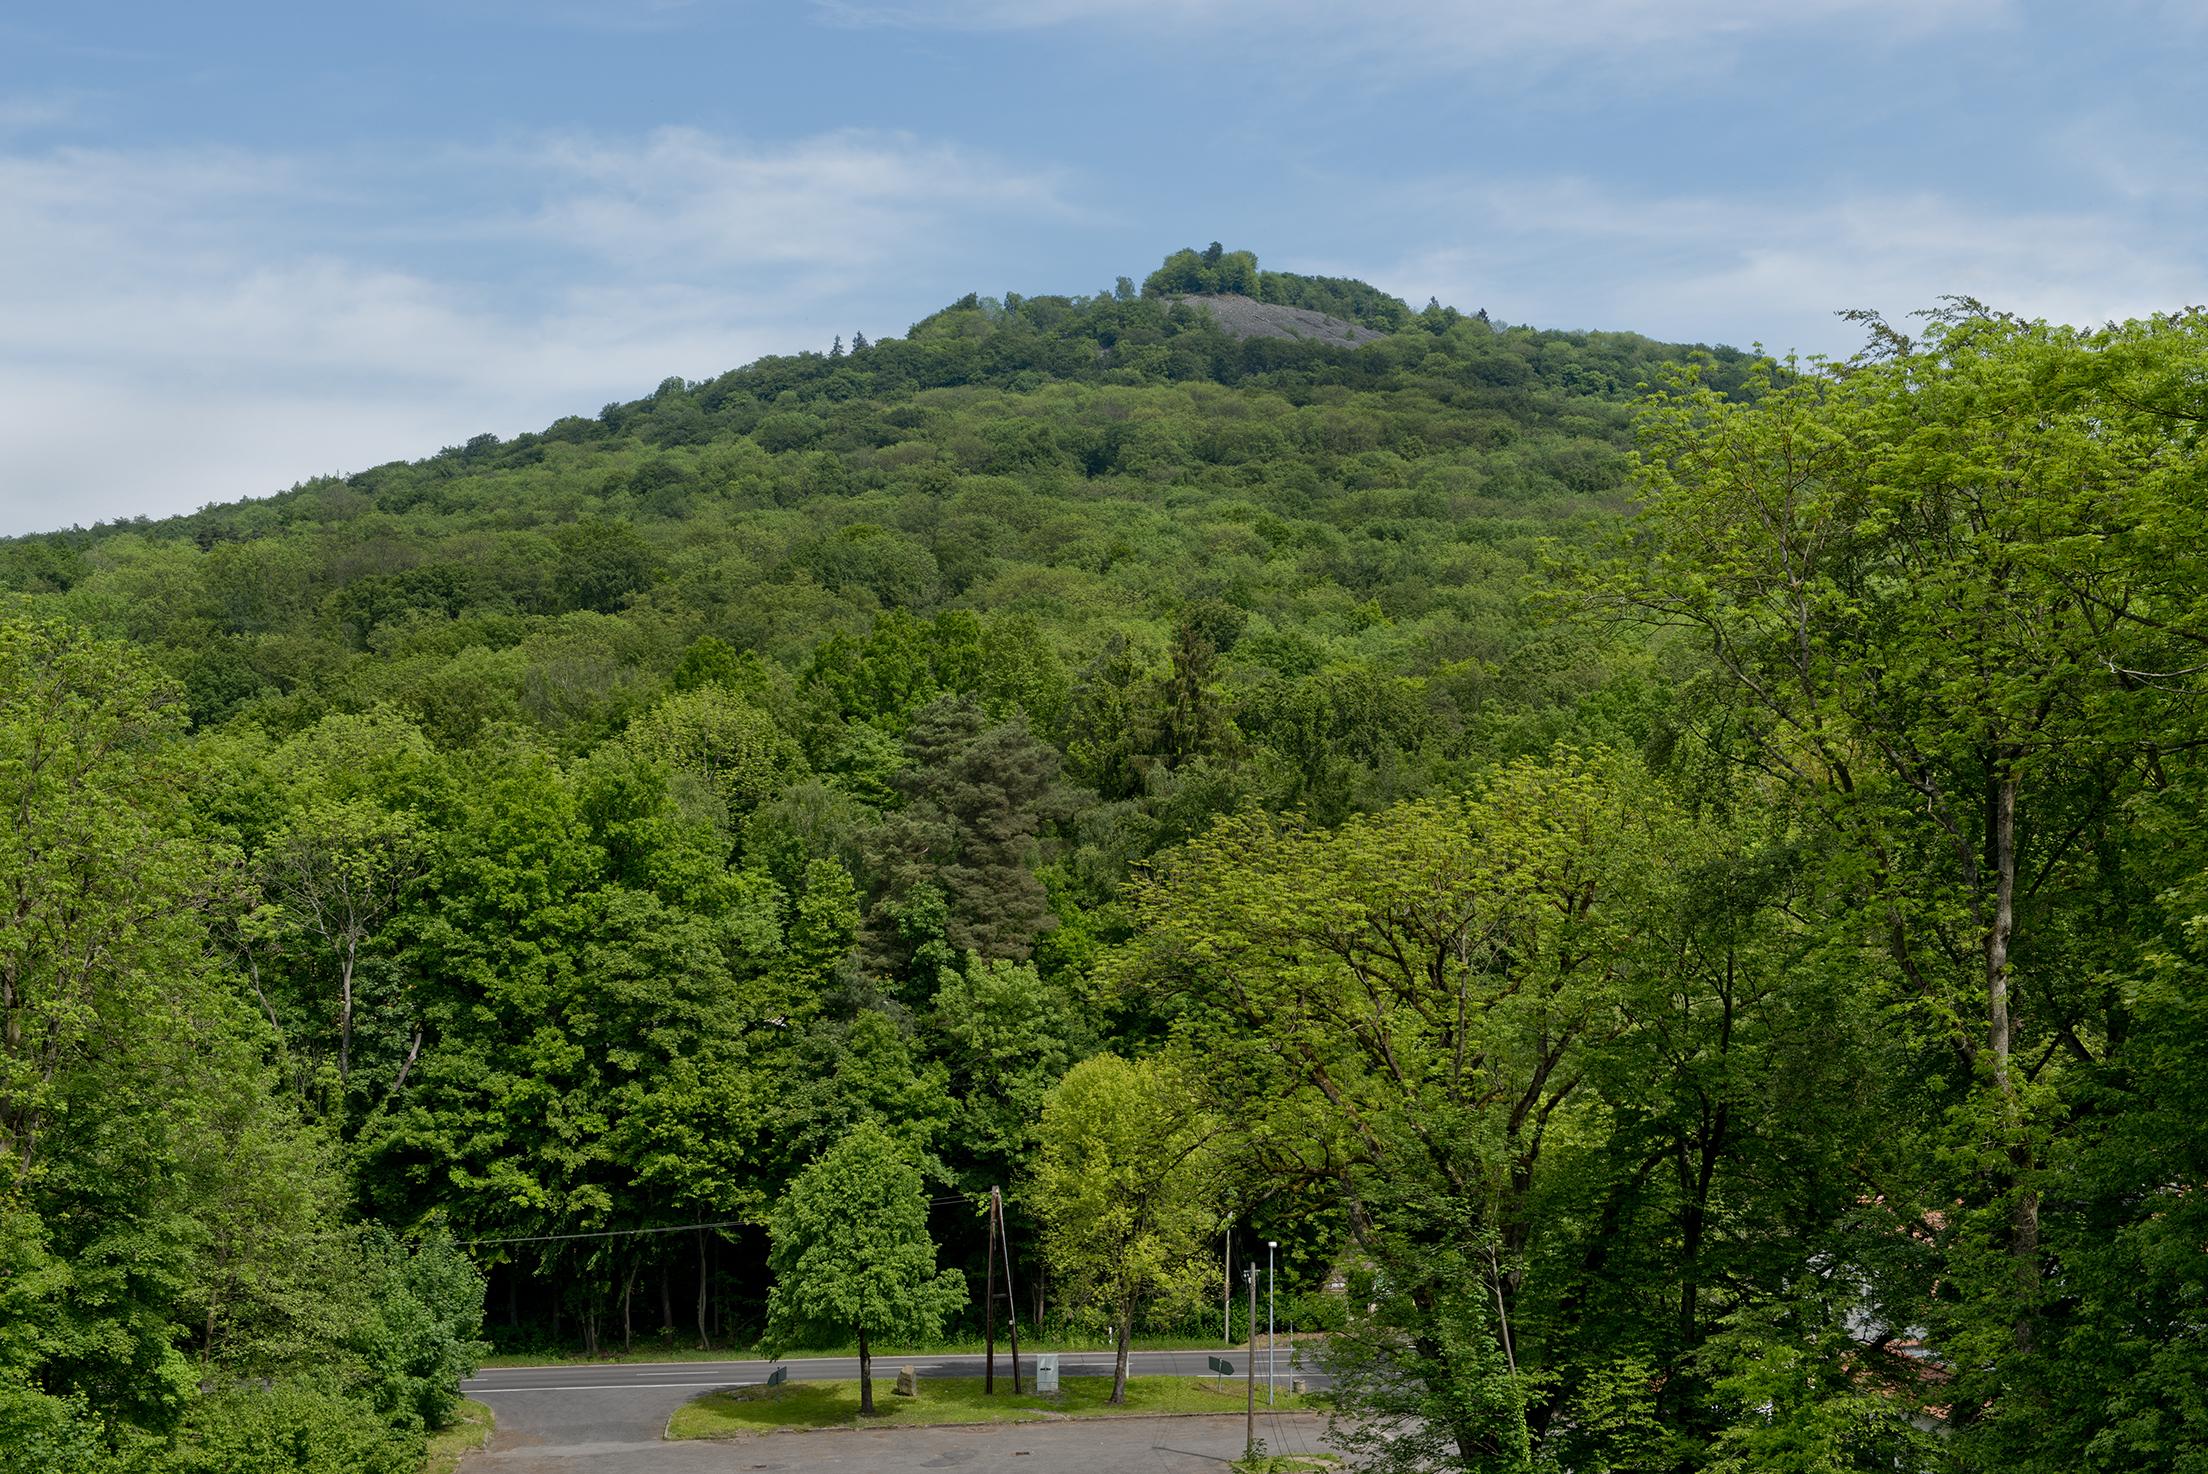 Foto: Blick auf einen grün bewaldeten Berg